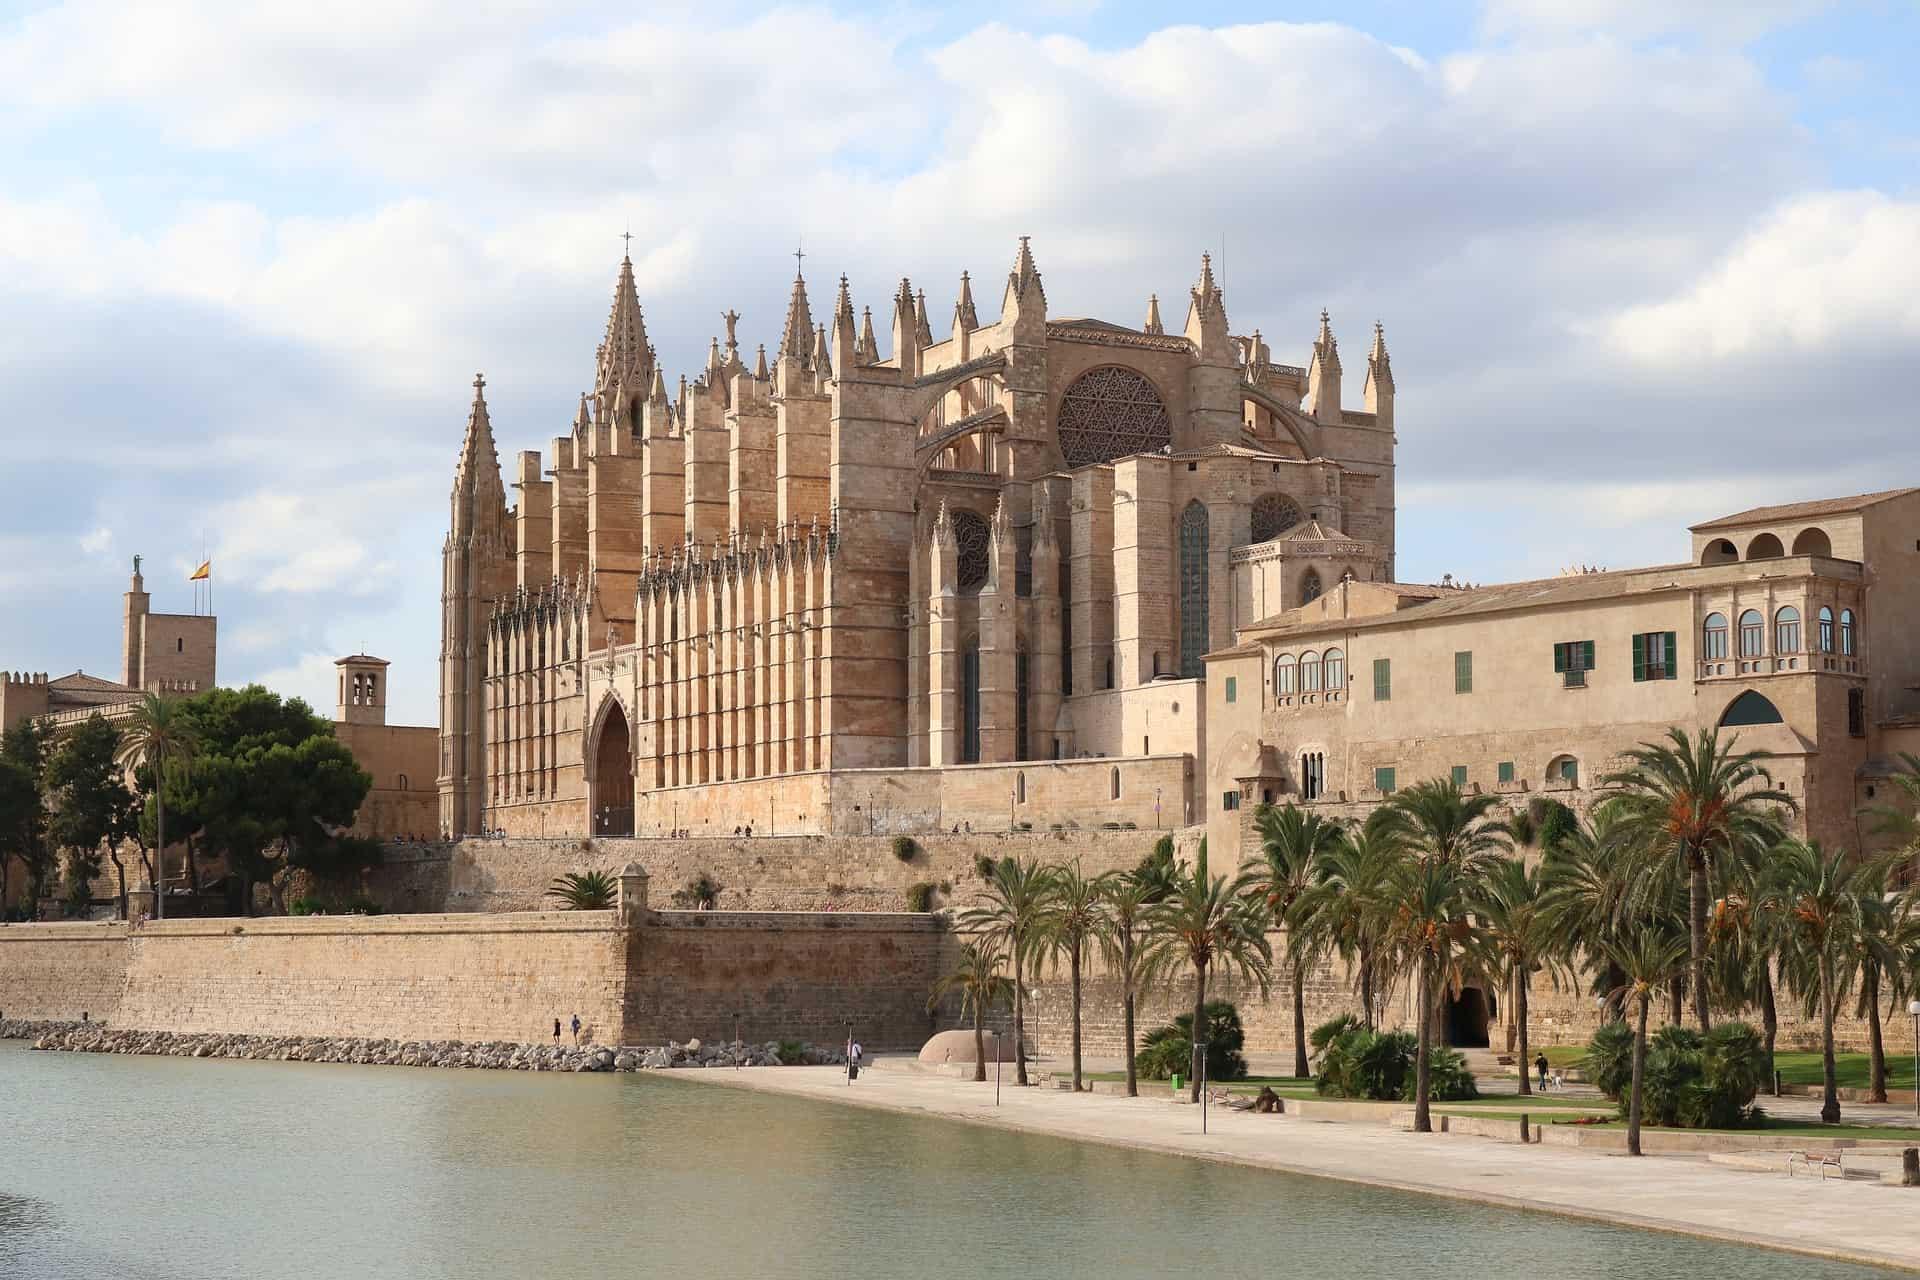 Städtetrip nach Palma zum Schopping Sightseeing & das Aquarium entdecken